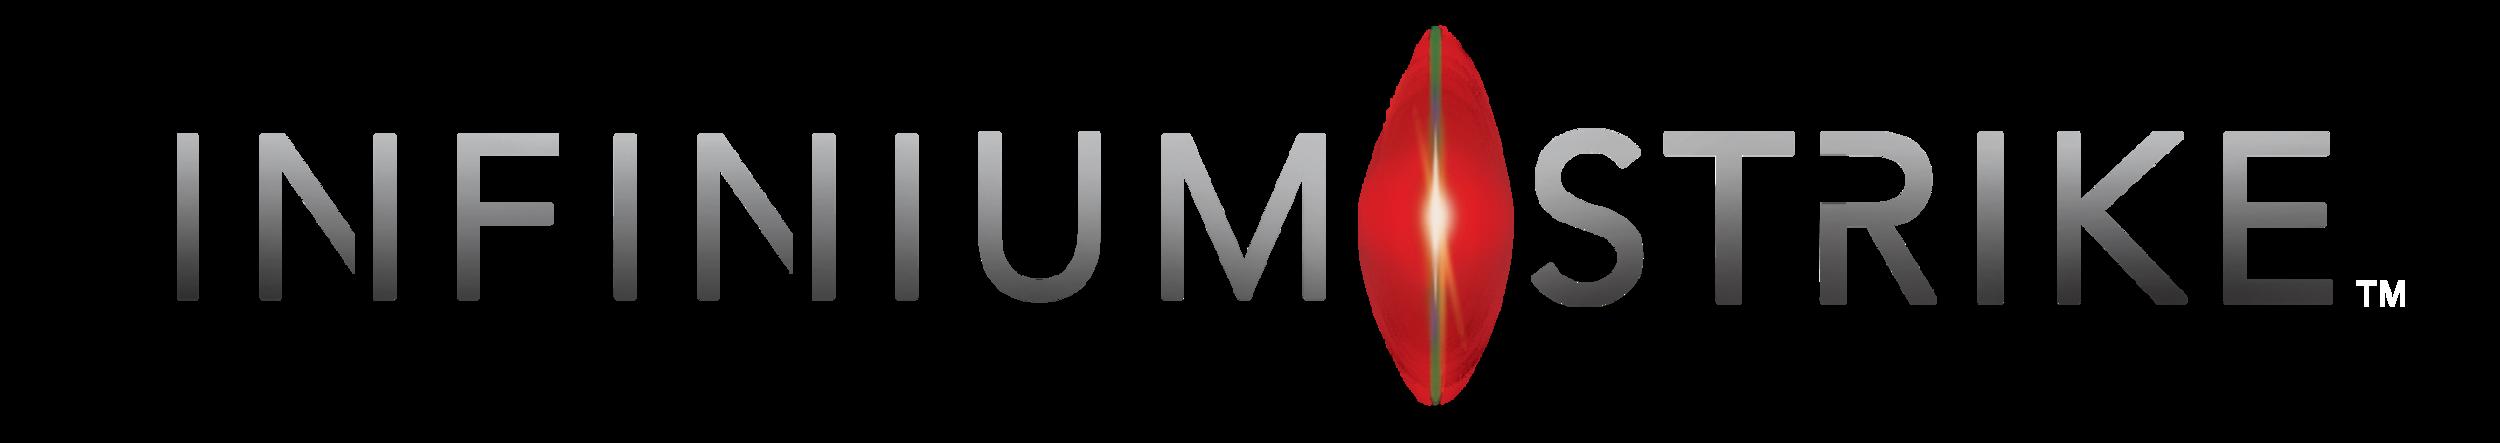 infinium_strike_logo_white.png